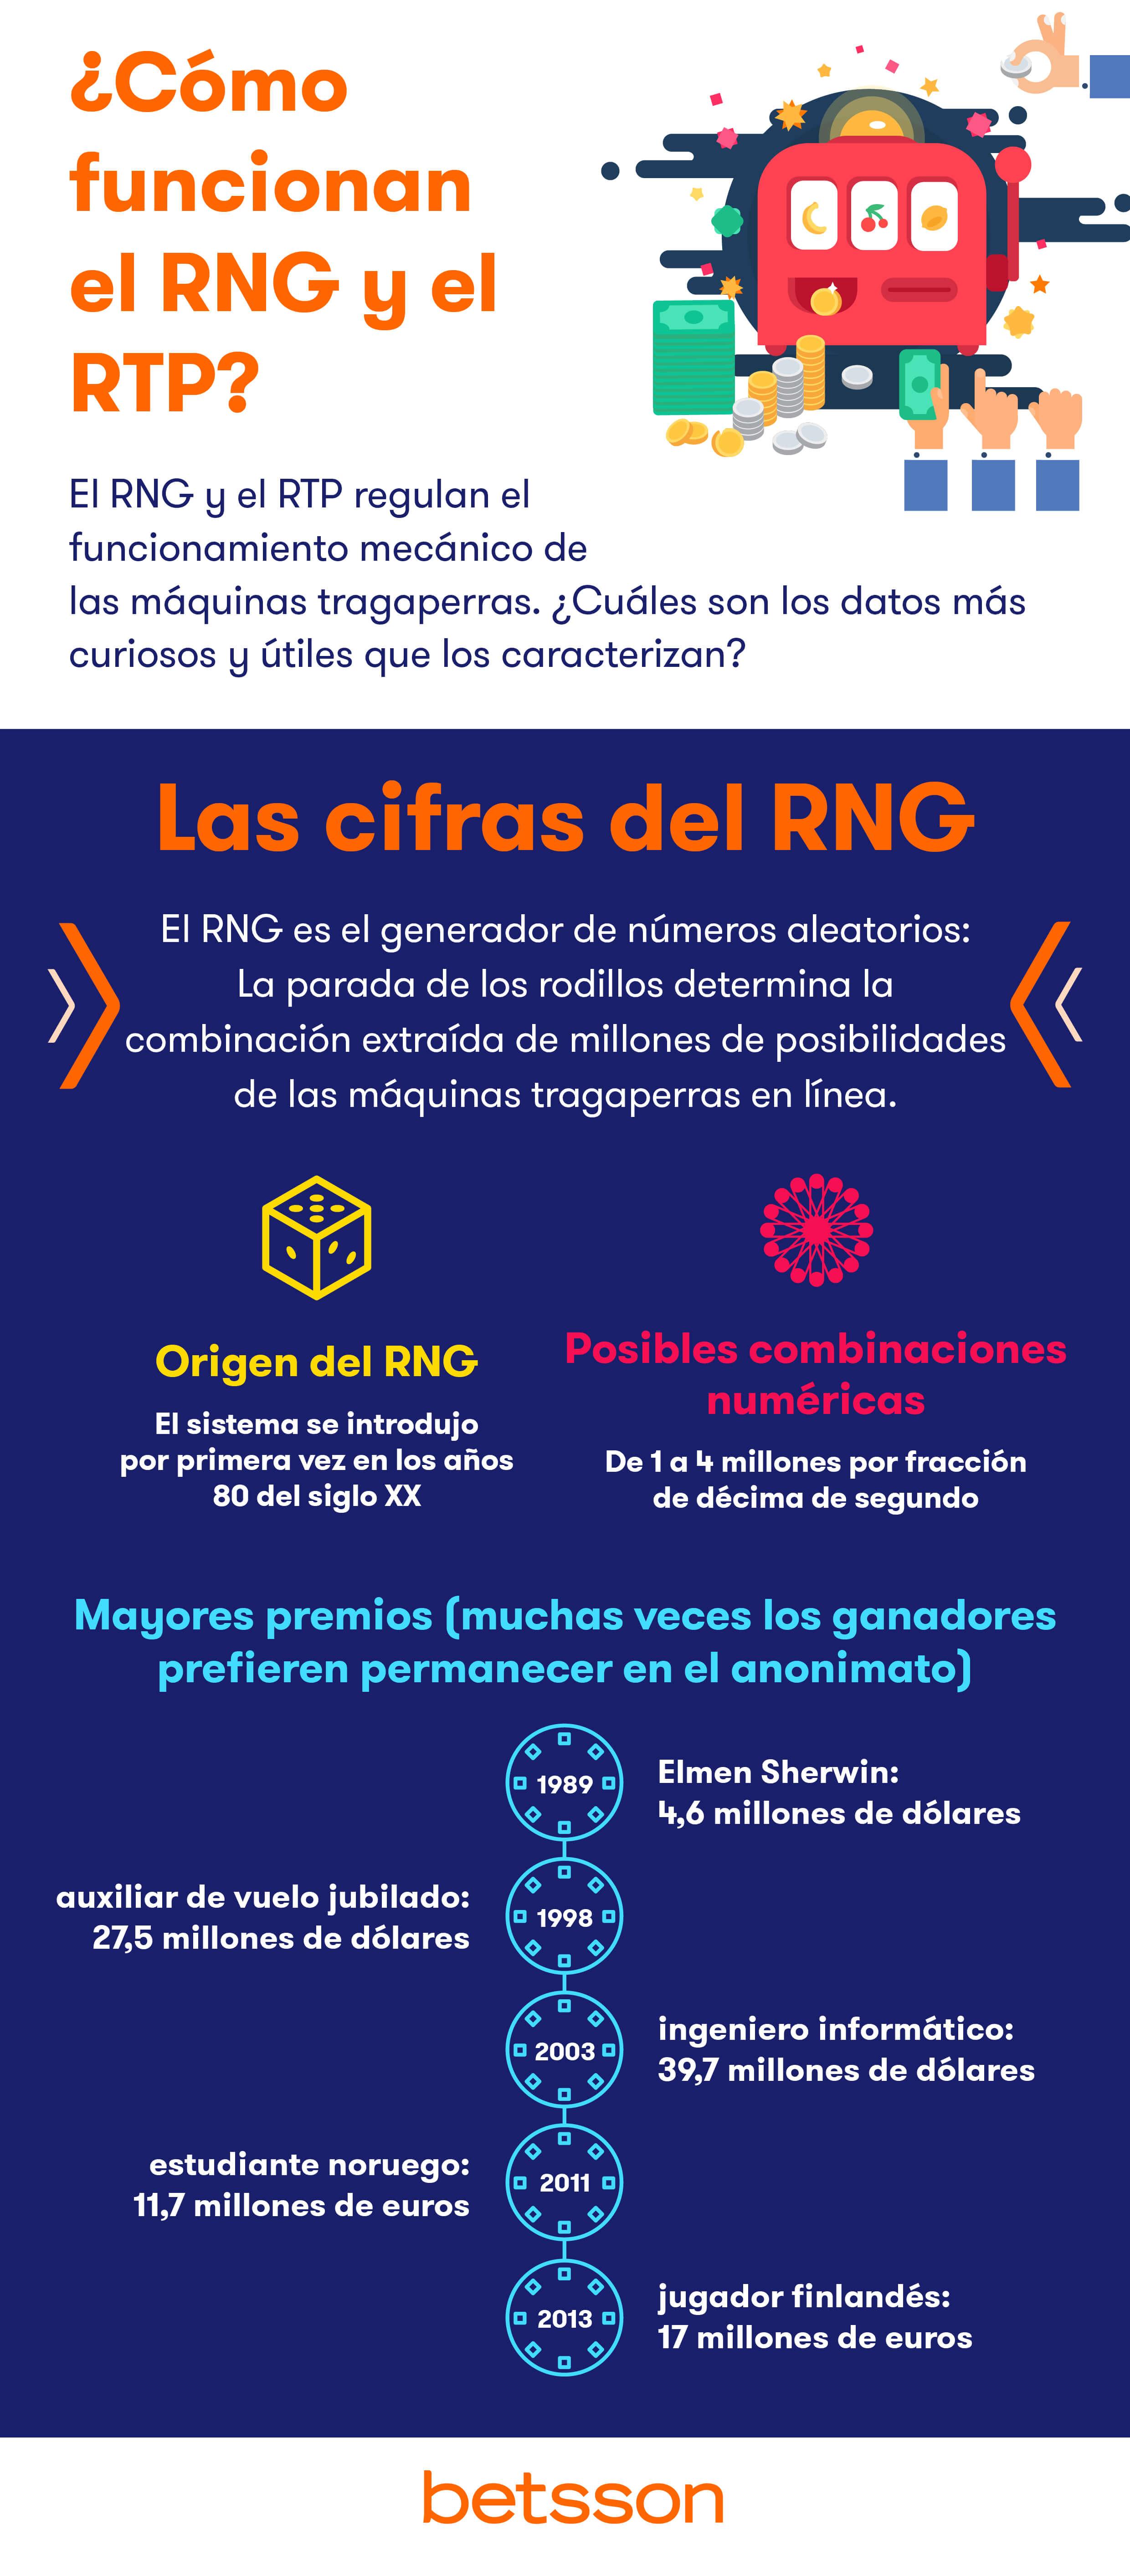 Cómo funcionan el RNG y RTP